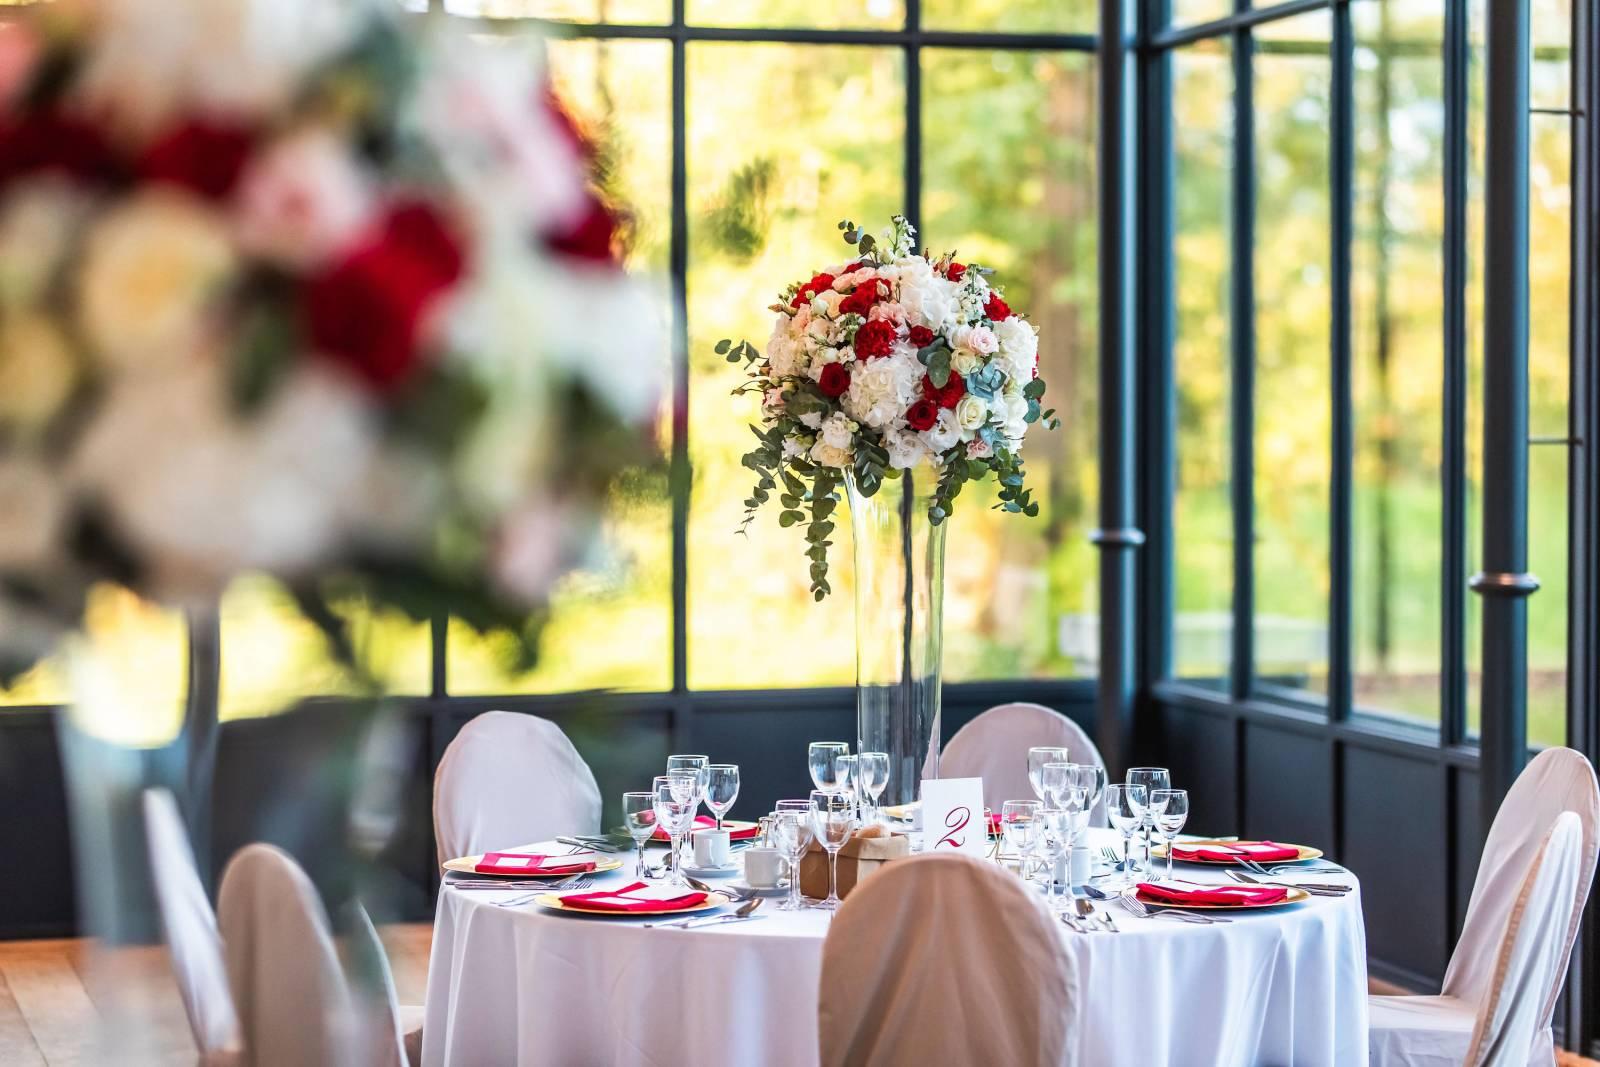 VIVA Blooming - 241-kleur-Bert-Ying-0991-min - House of Weddings